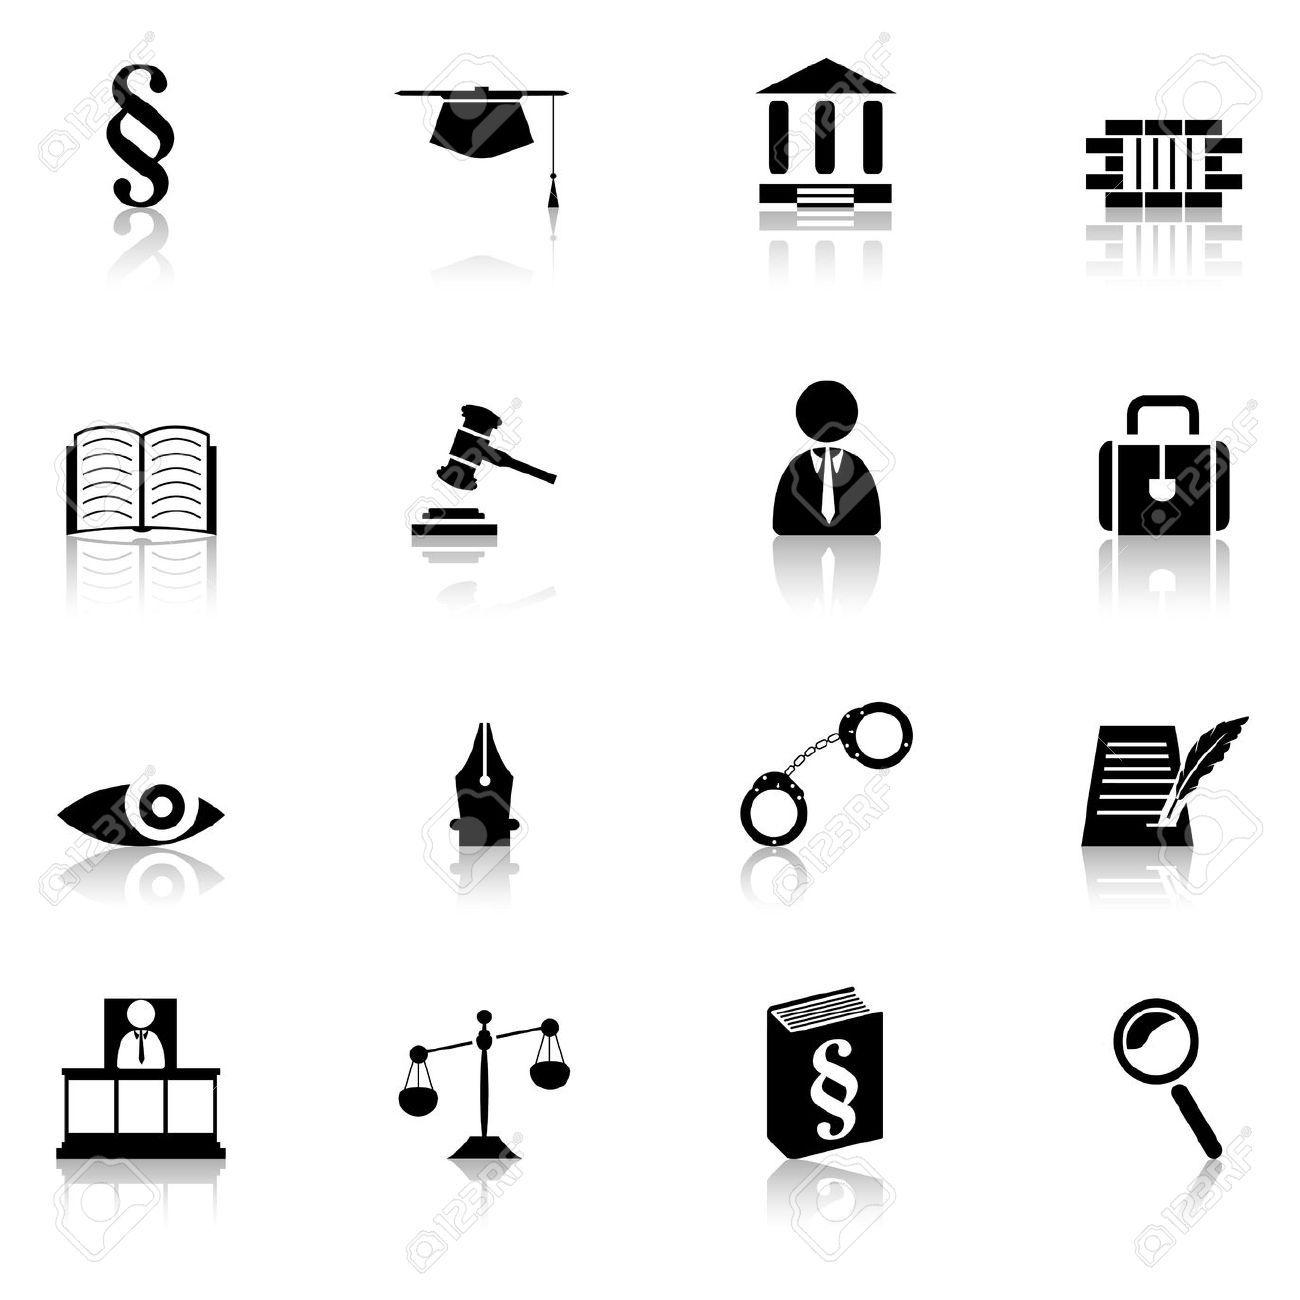 legal icons vector - Cerca con Google